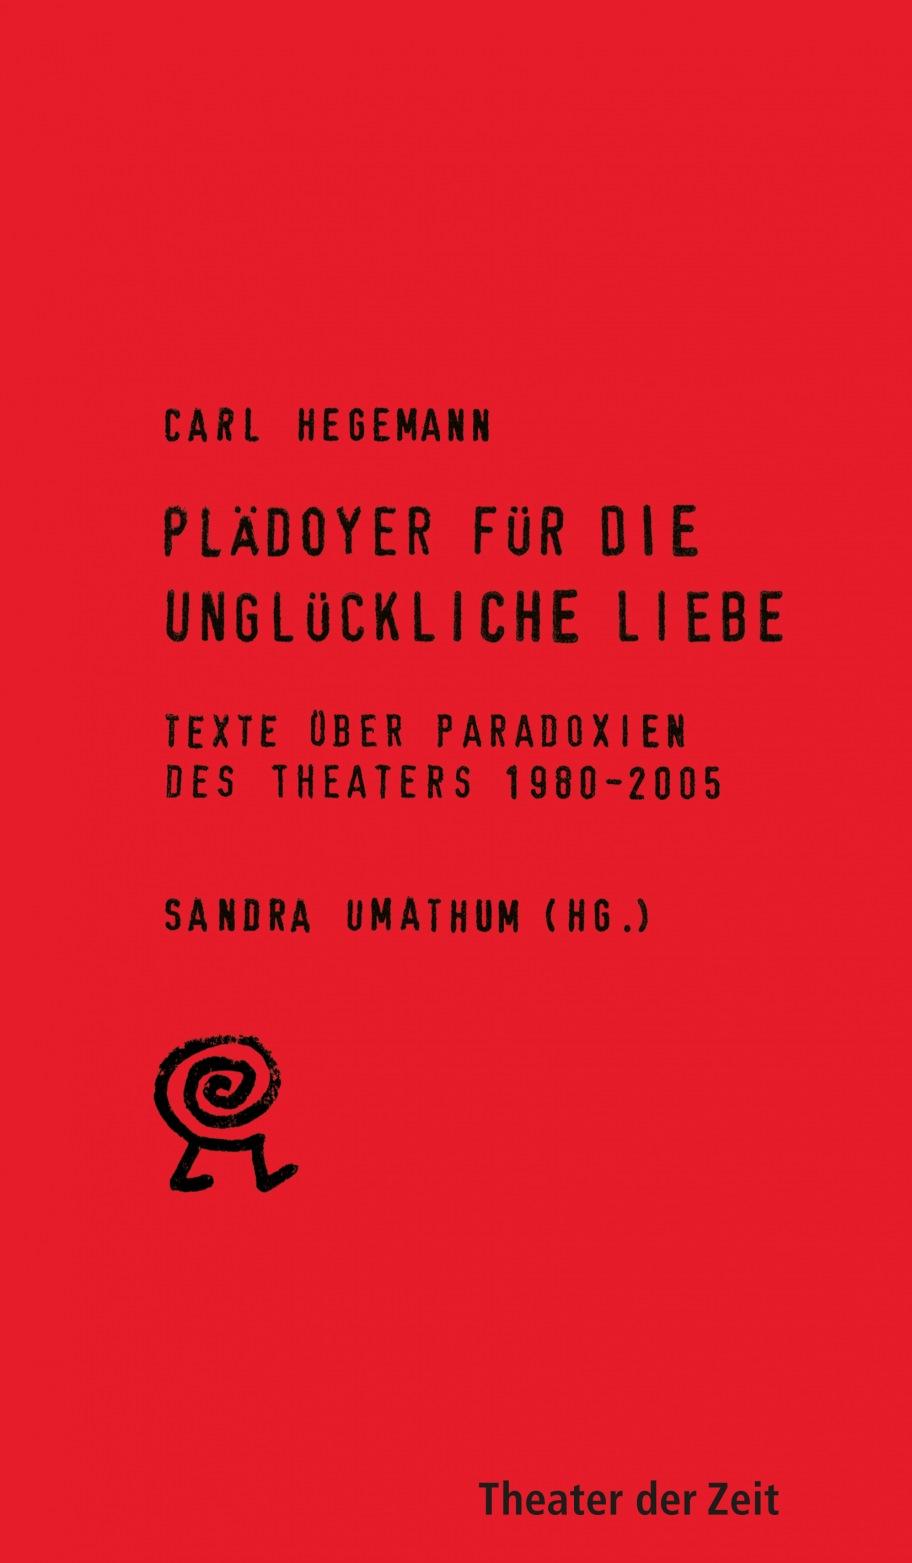 Carl Hegemann: Plädoyer für die unglückliche Liebe